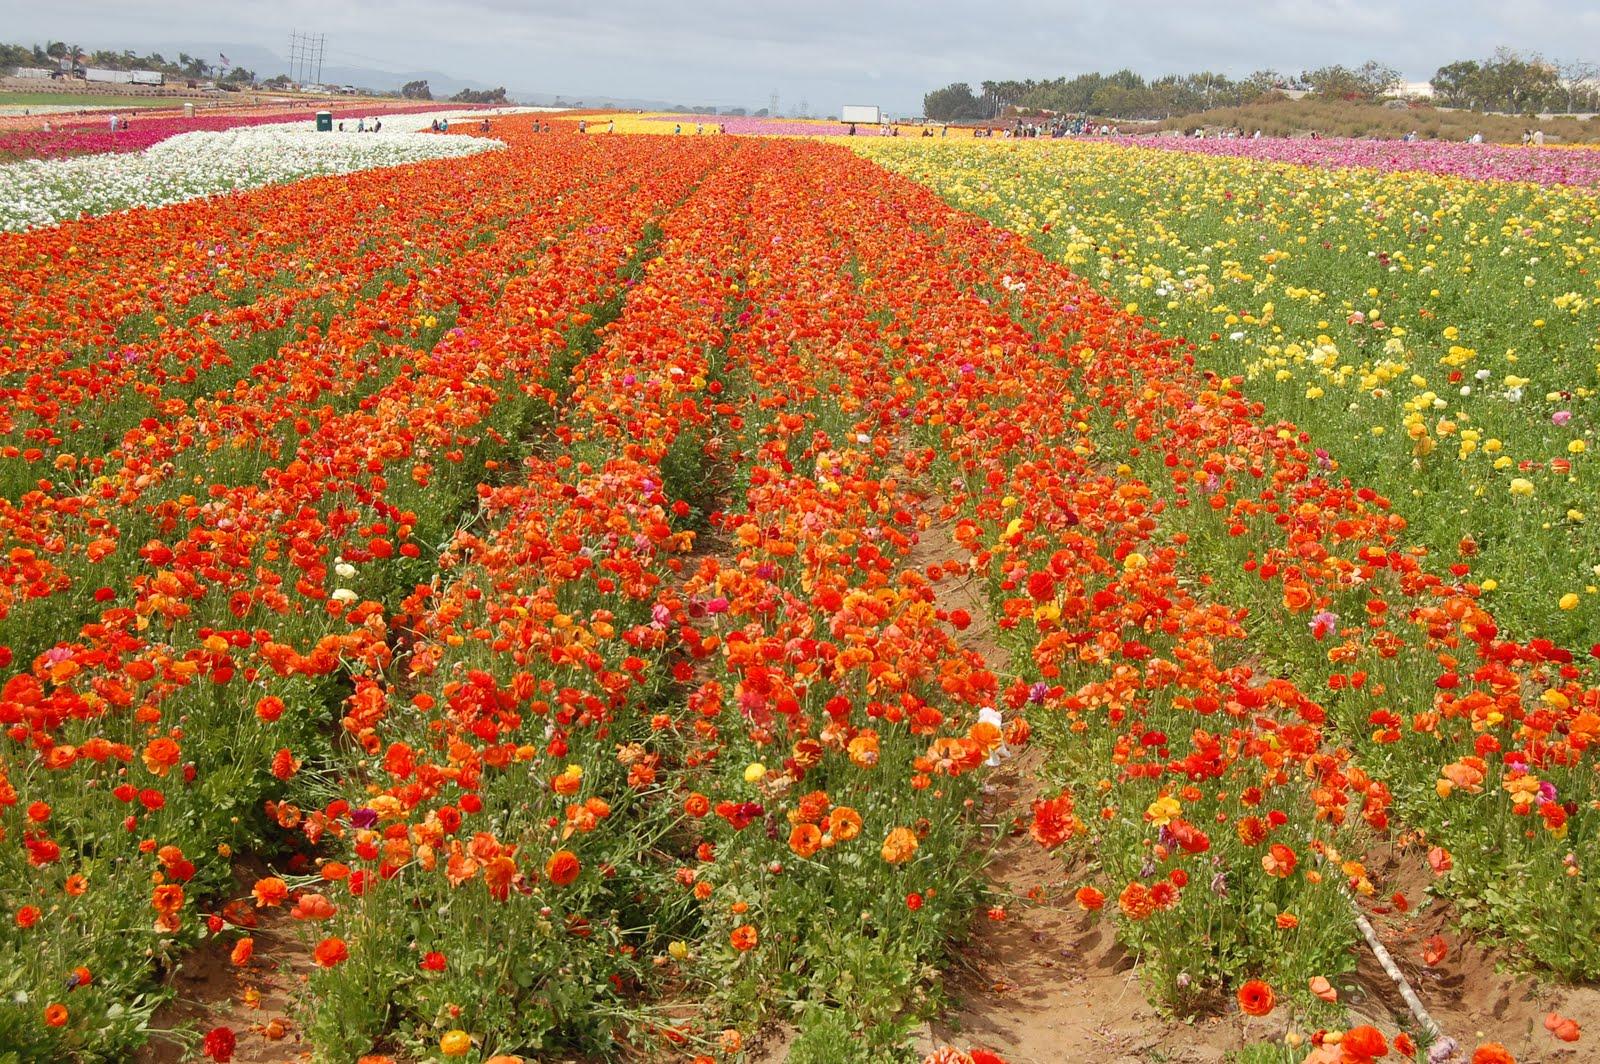 Carlsbad Flower Fields – Guest Post by Natalie Wardel